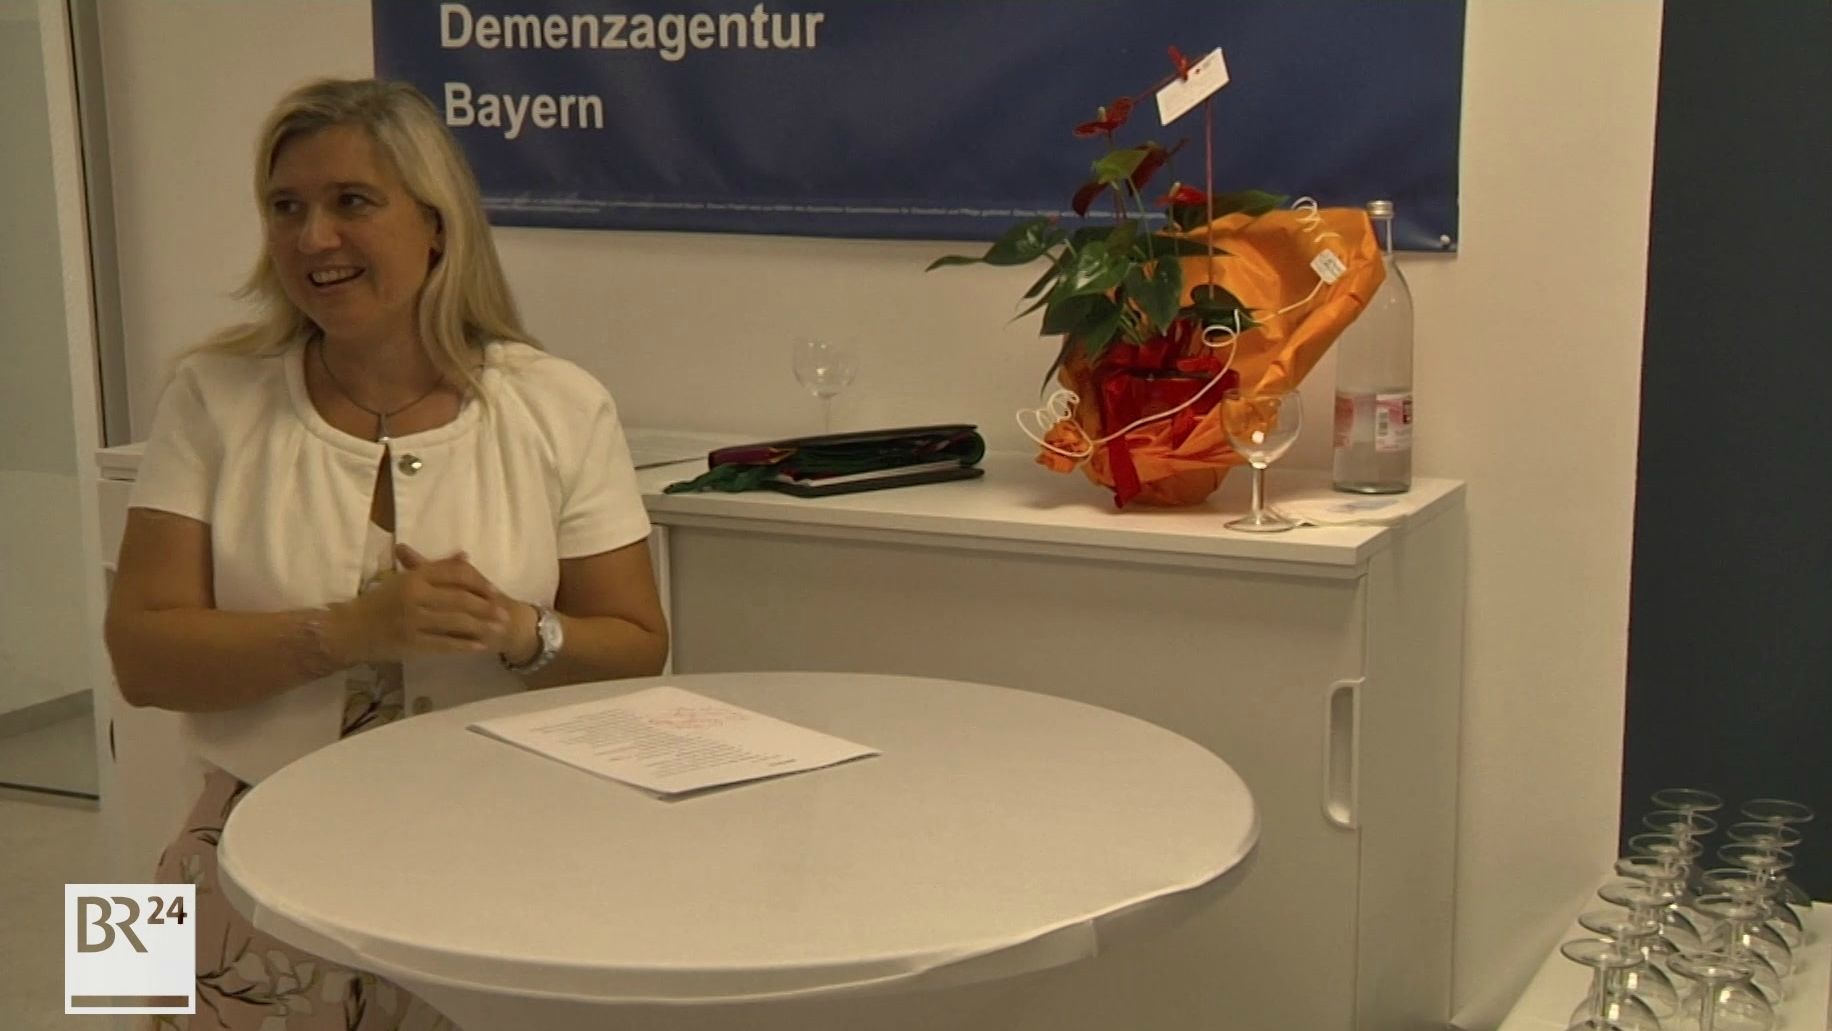 Gesundheitsministerin Melanie Huml spricht zu Gästen in der Demenzagentur Bayern in Nürnberg